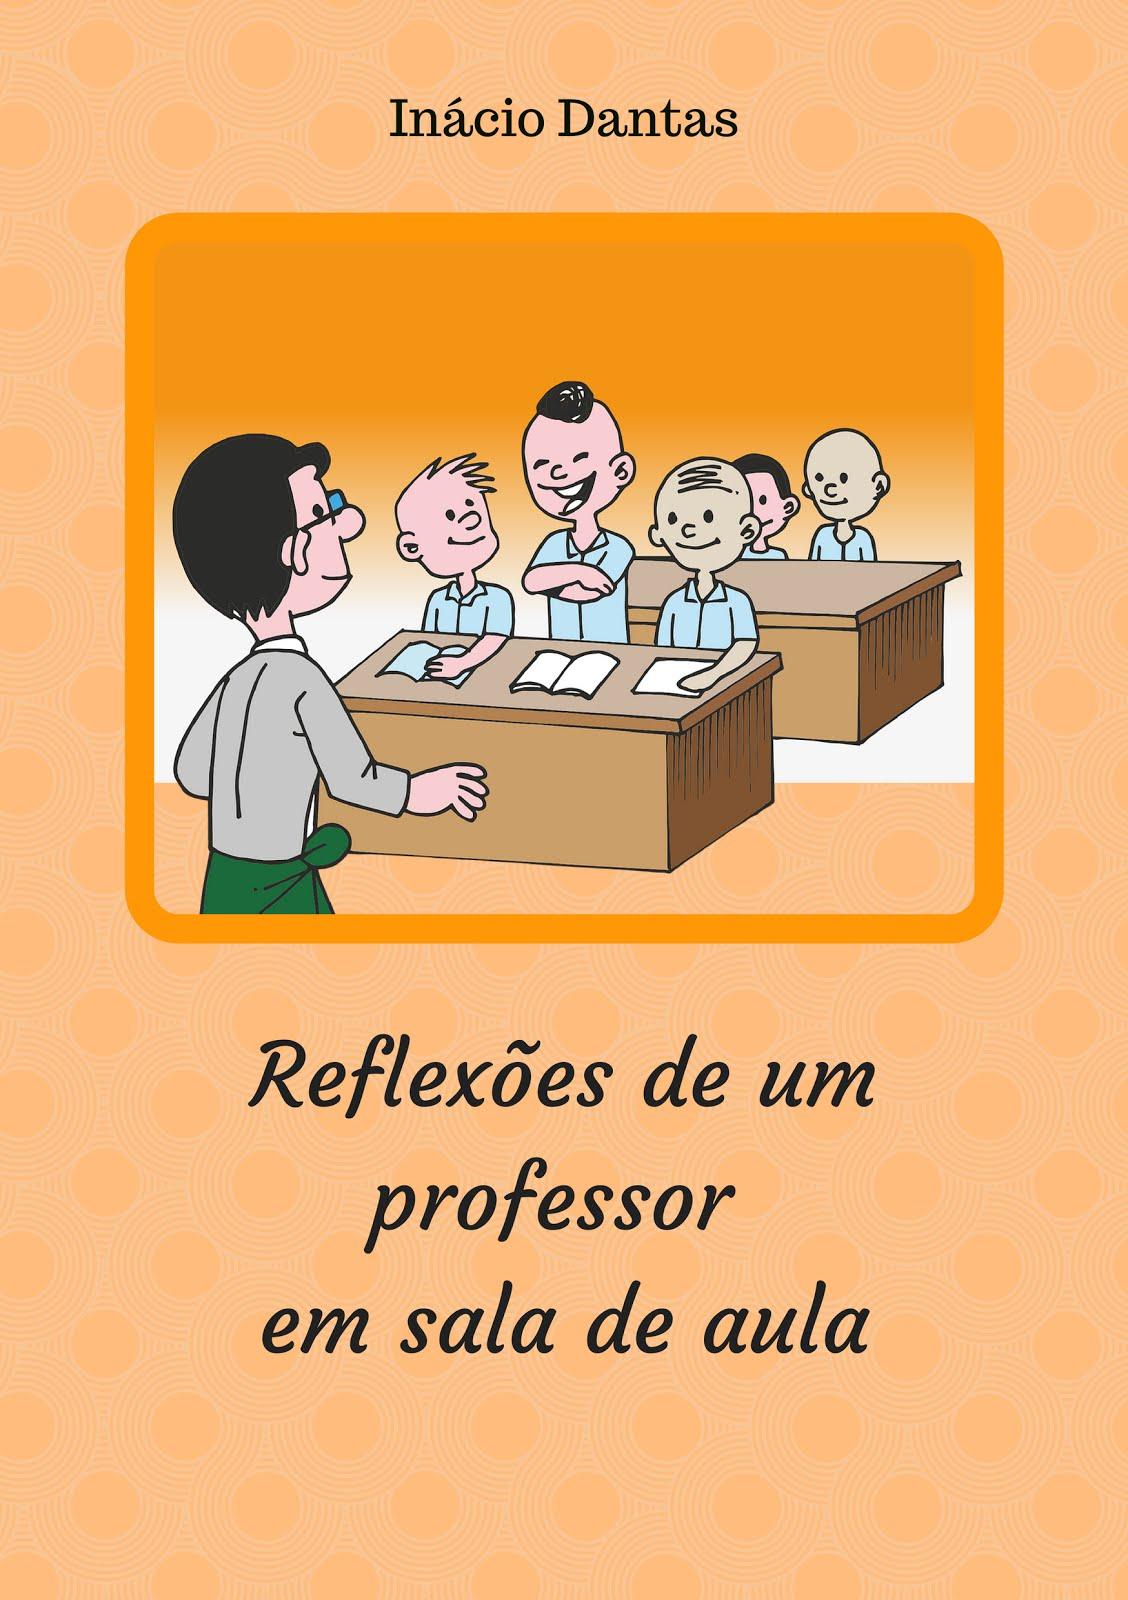 Reflexões de um professor em sala de aula